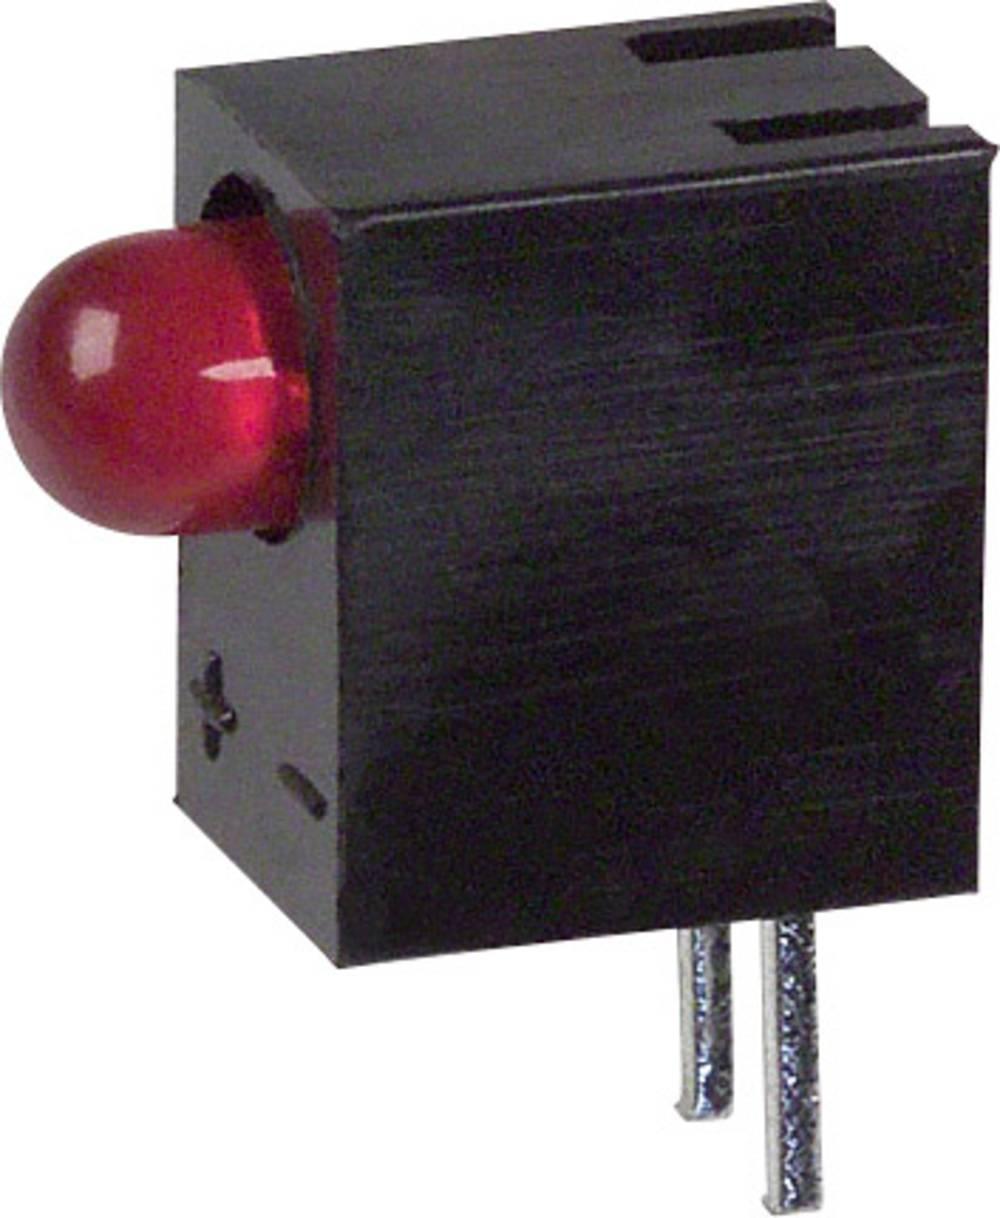 LED-komponent LUMEX (L x B x H) 10.55 x 9.25 x 4.6 mm Rød